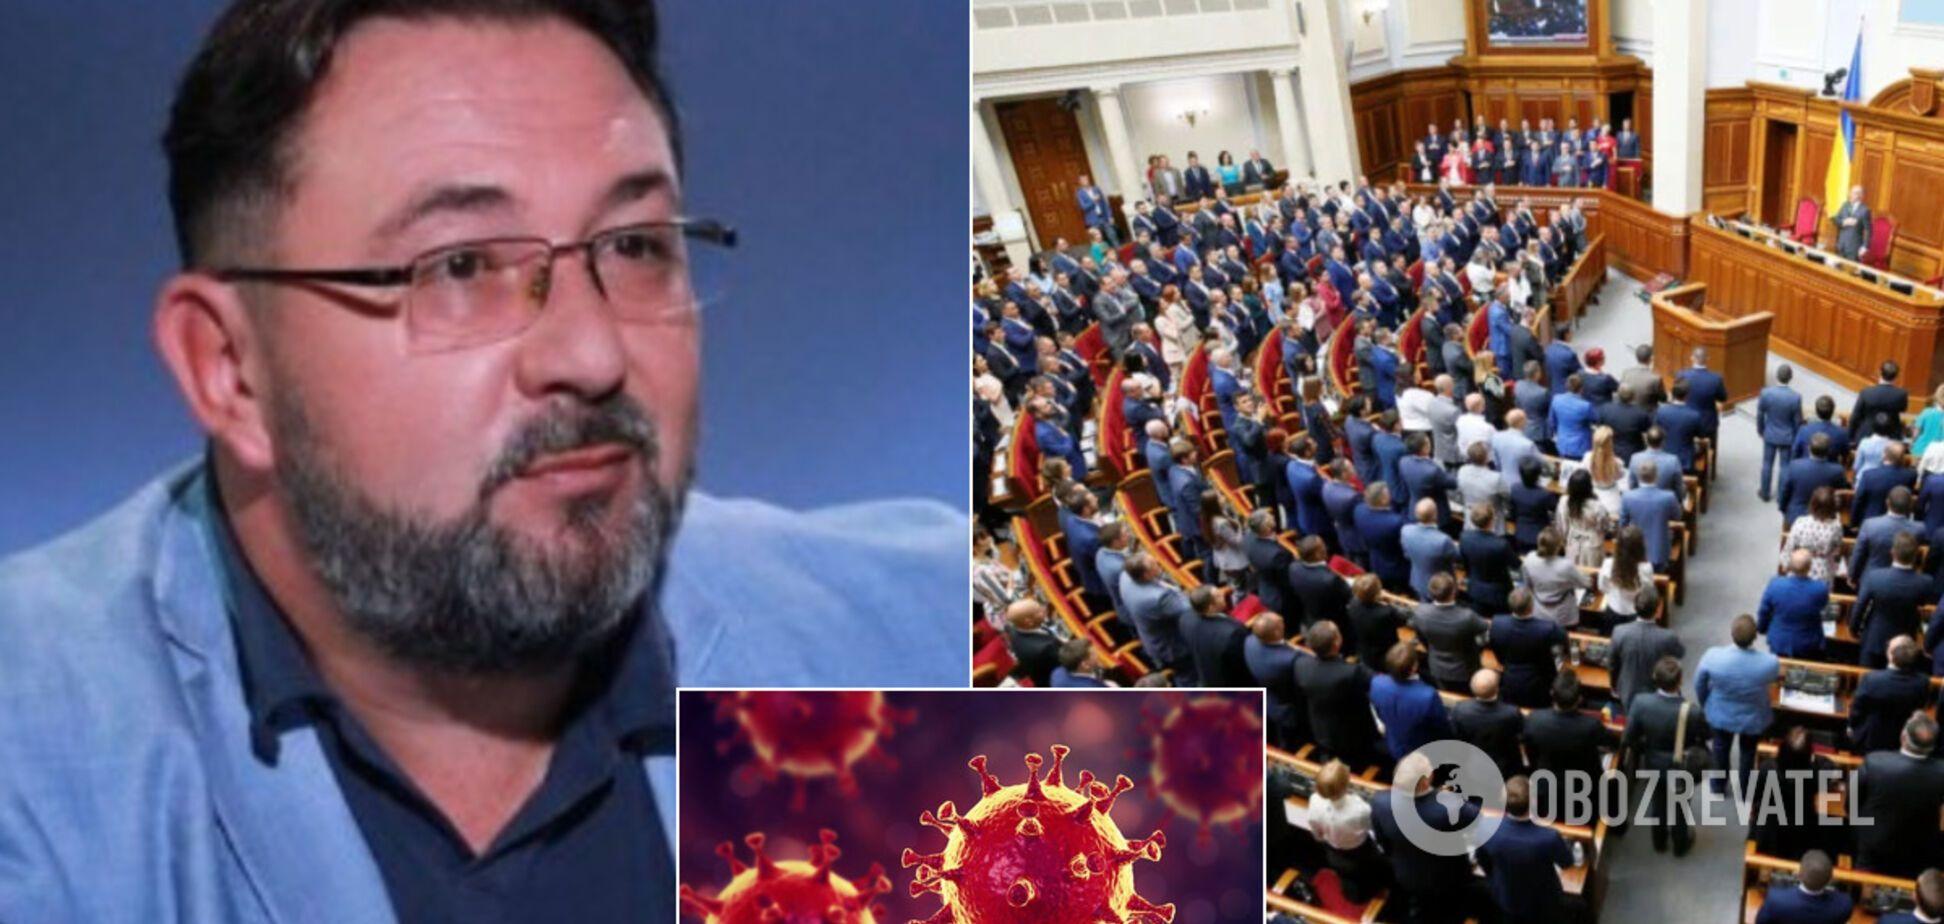 'Слуга' Потураєв зробив дивну заяву про смерть нардепів від коронавірусу